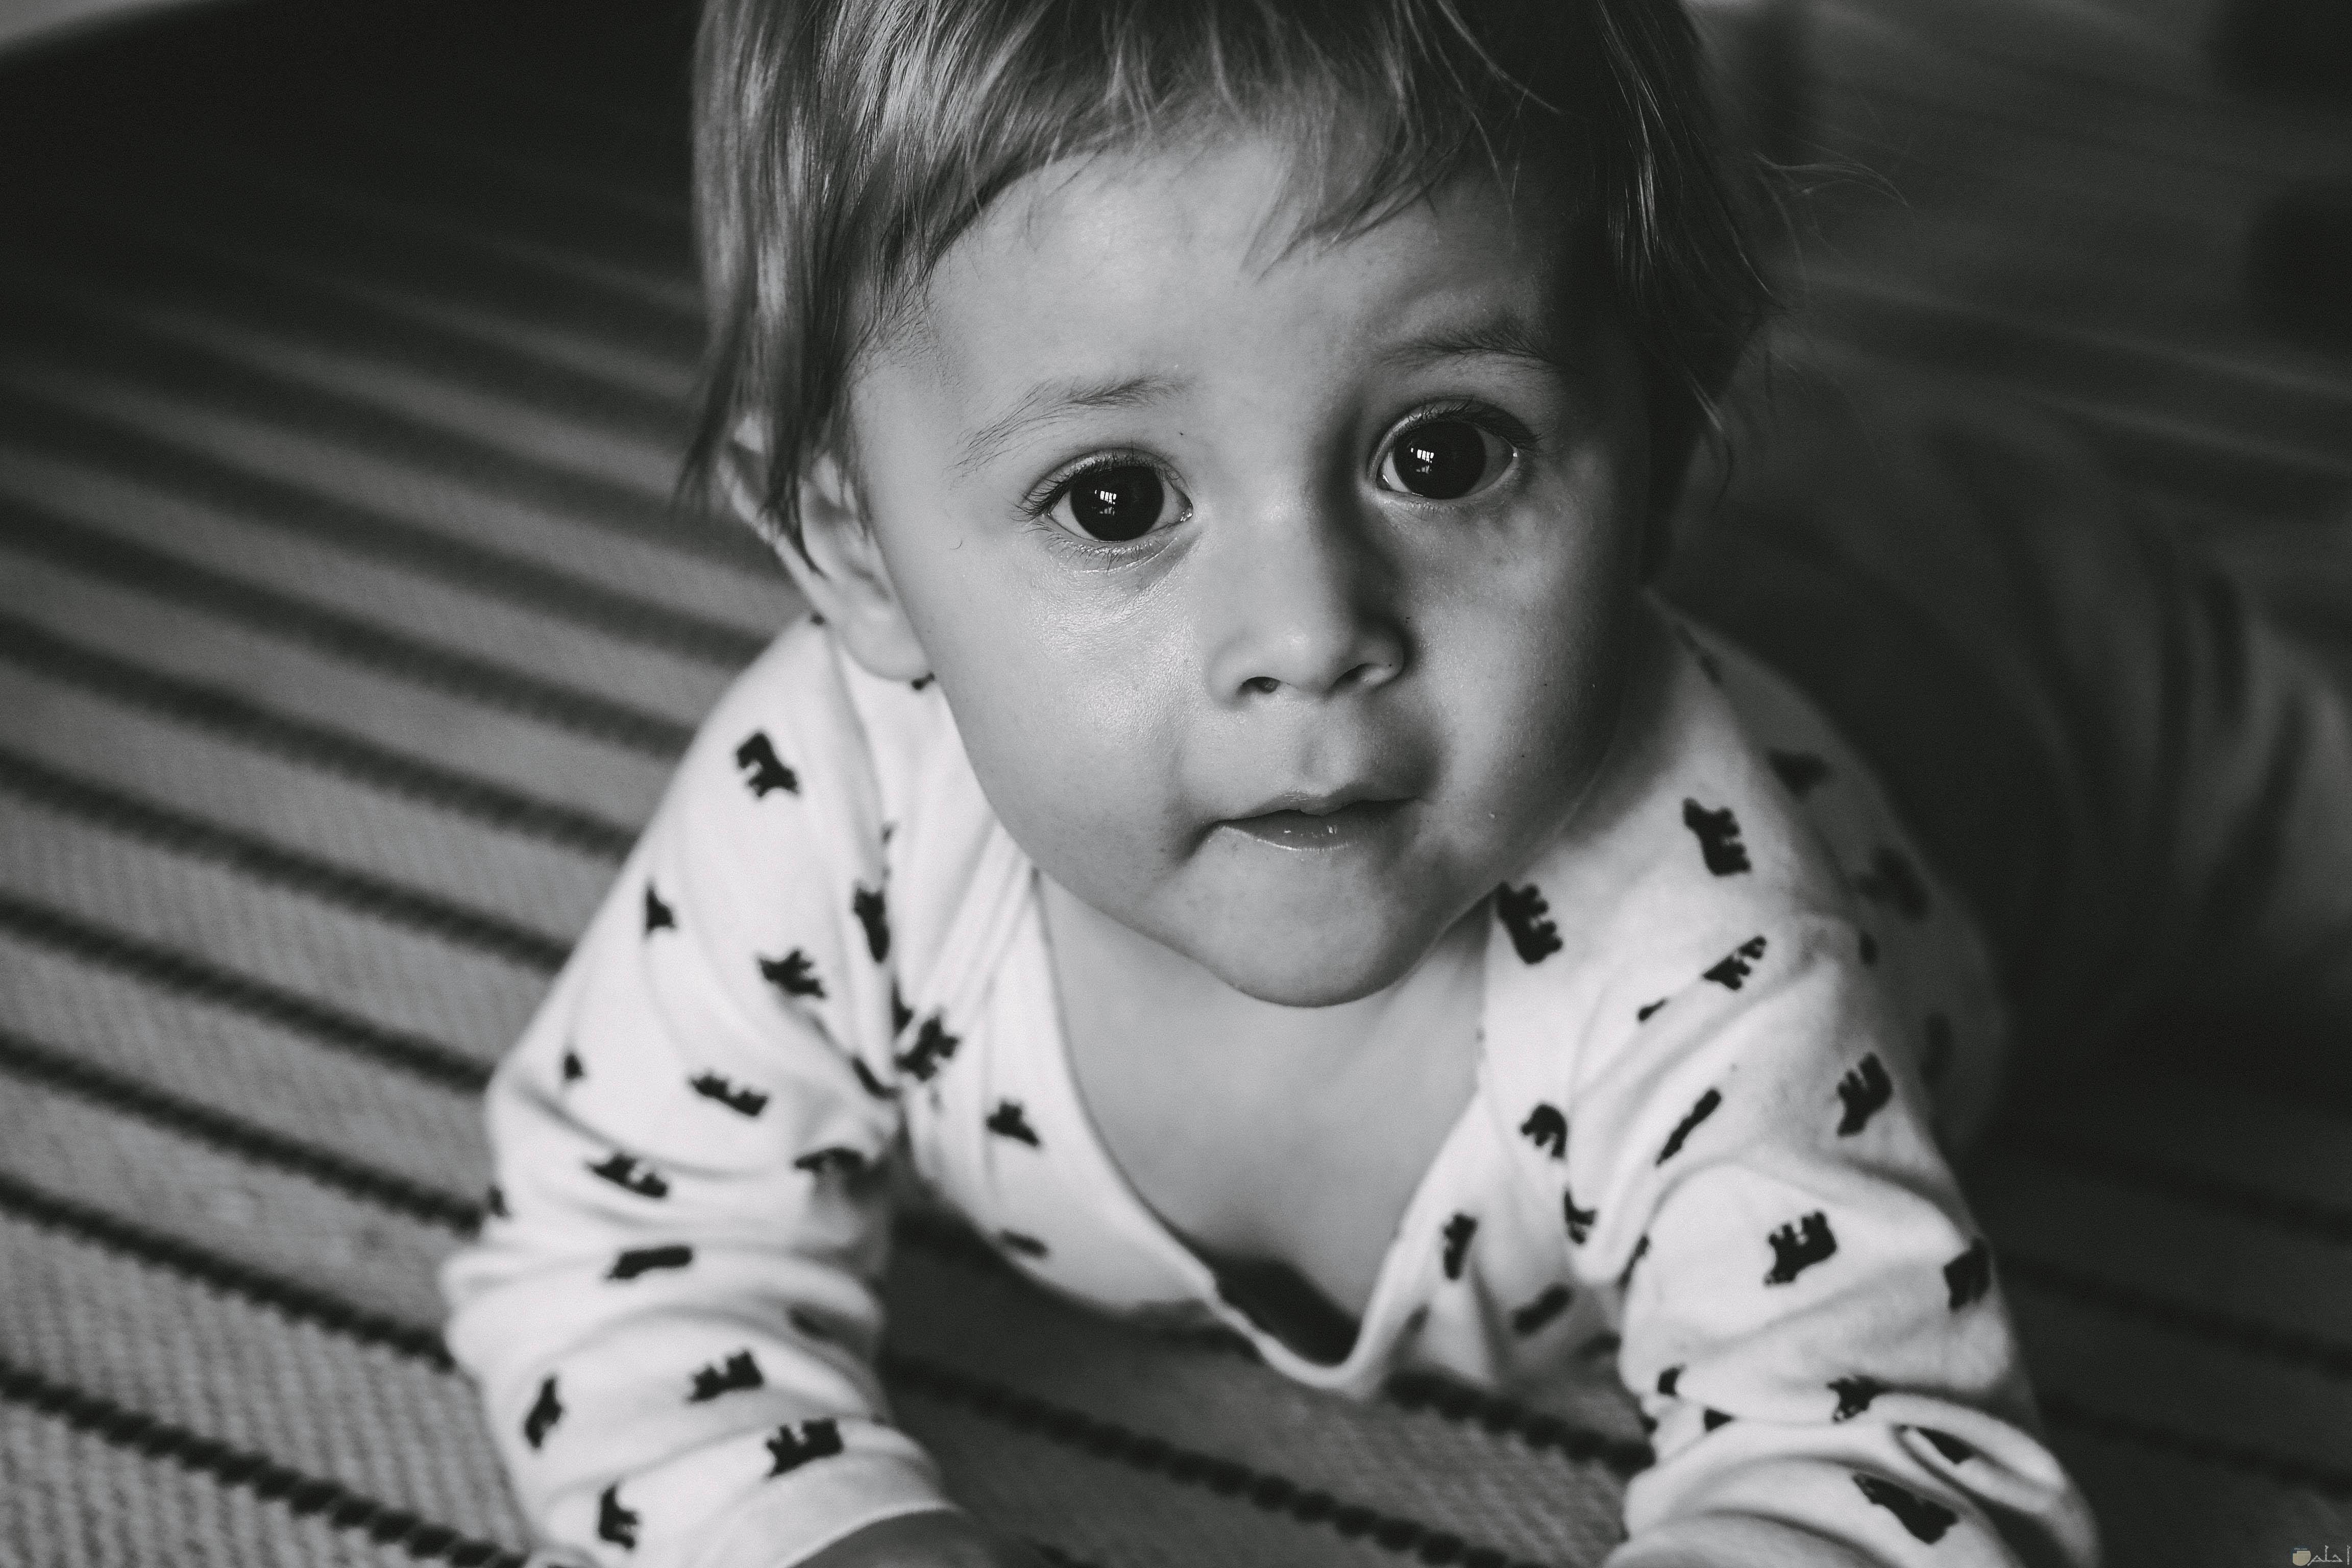 نظرة طفل بريئه